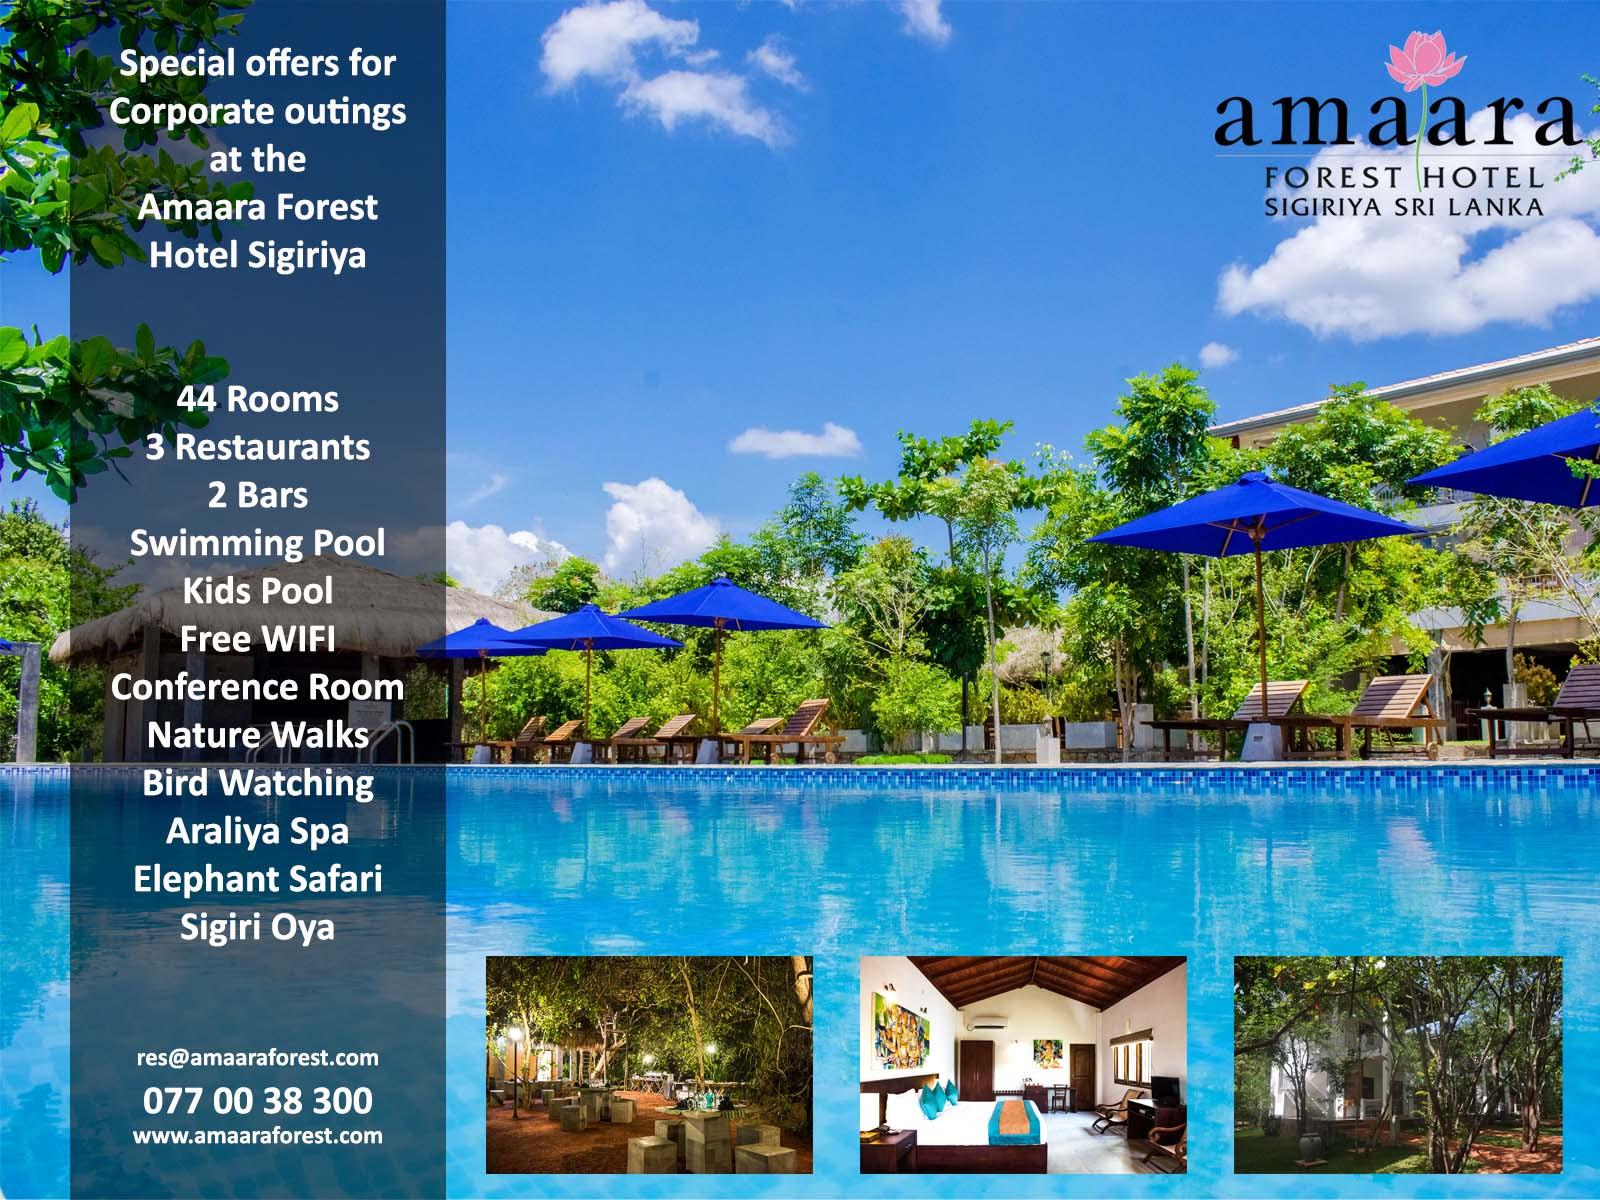 www.amaaraforest.com